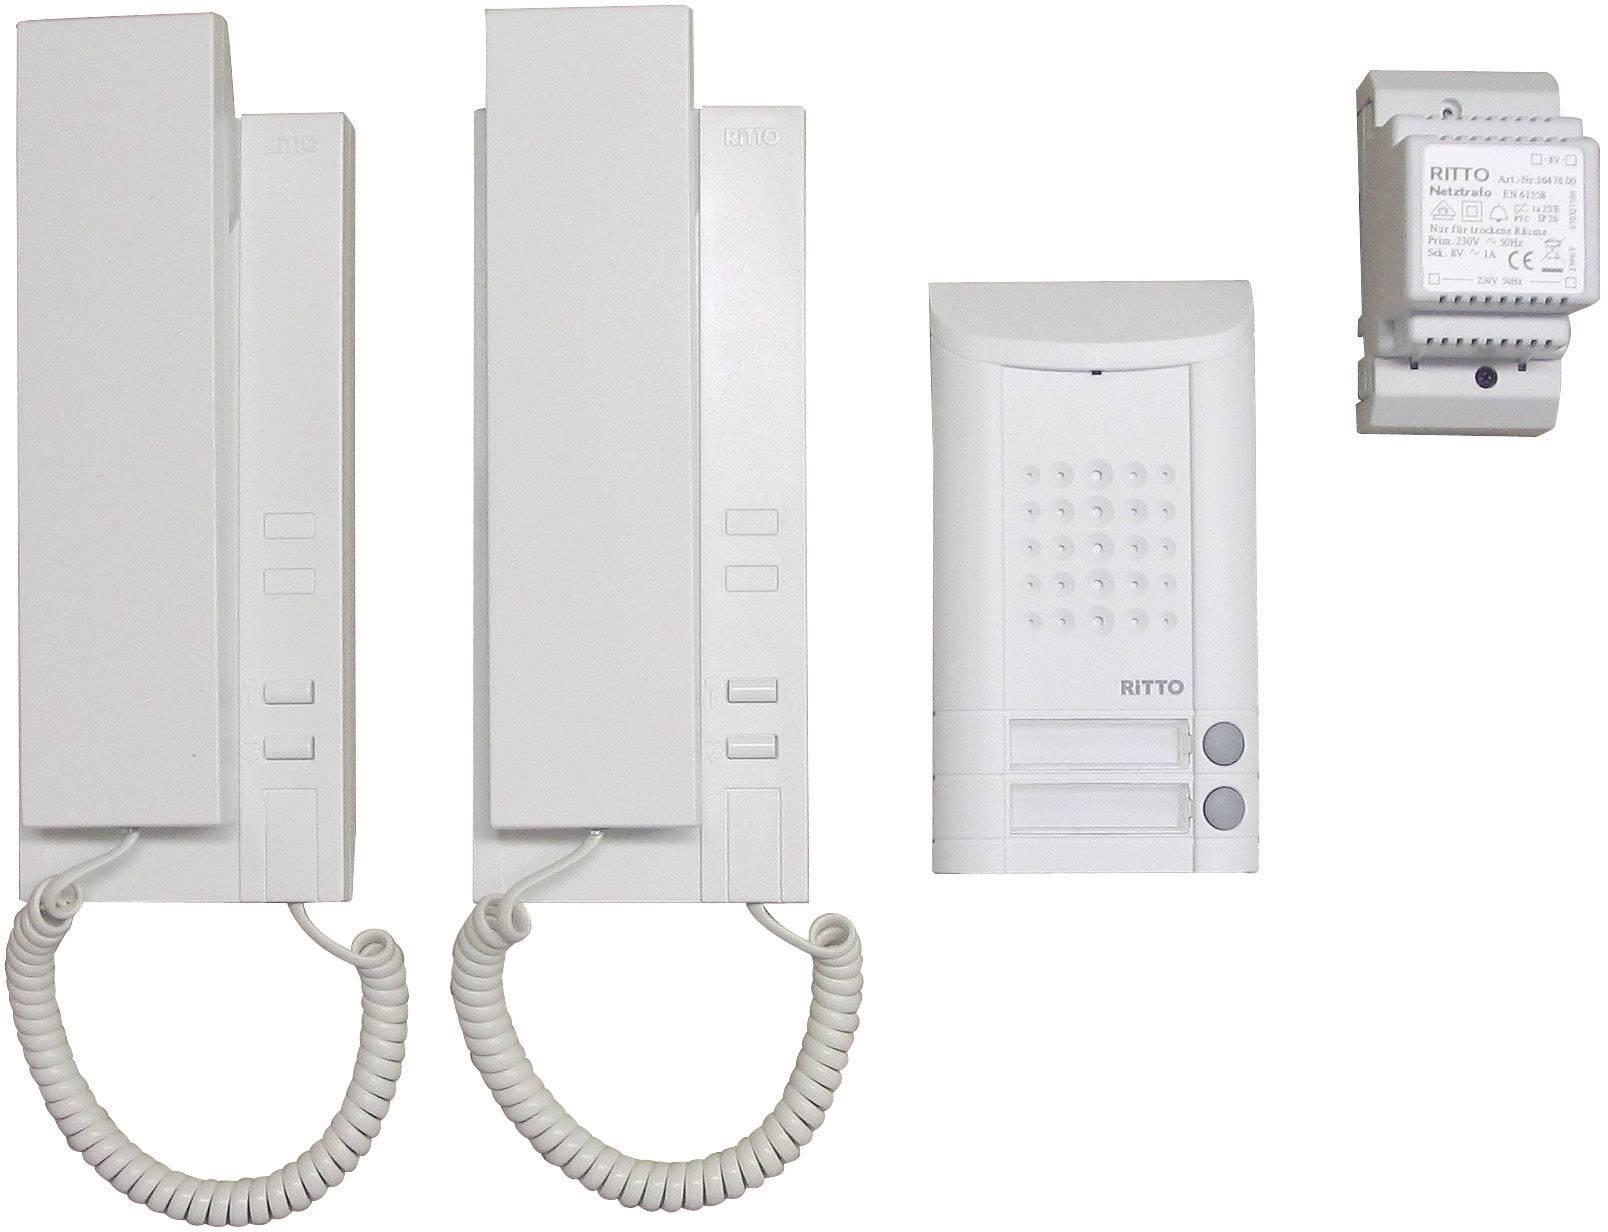 Domový telefón Ritto pre rodinný dom, 2 stanice s telefónom, 1x zvonček